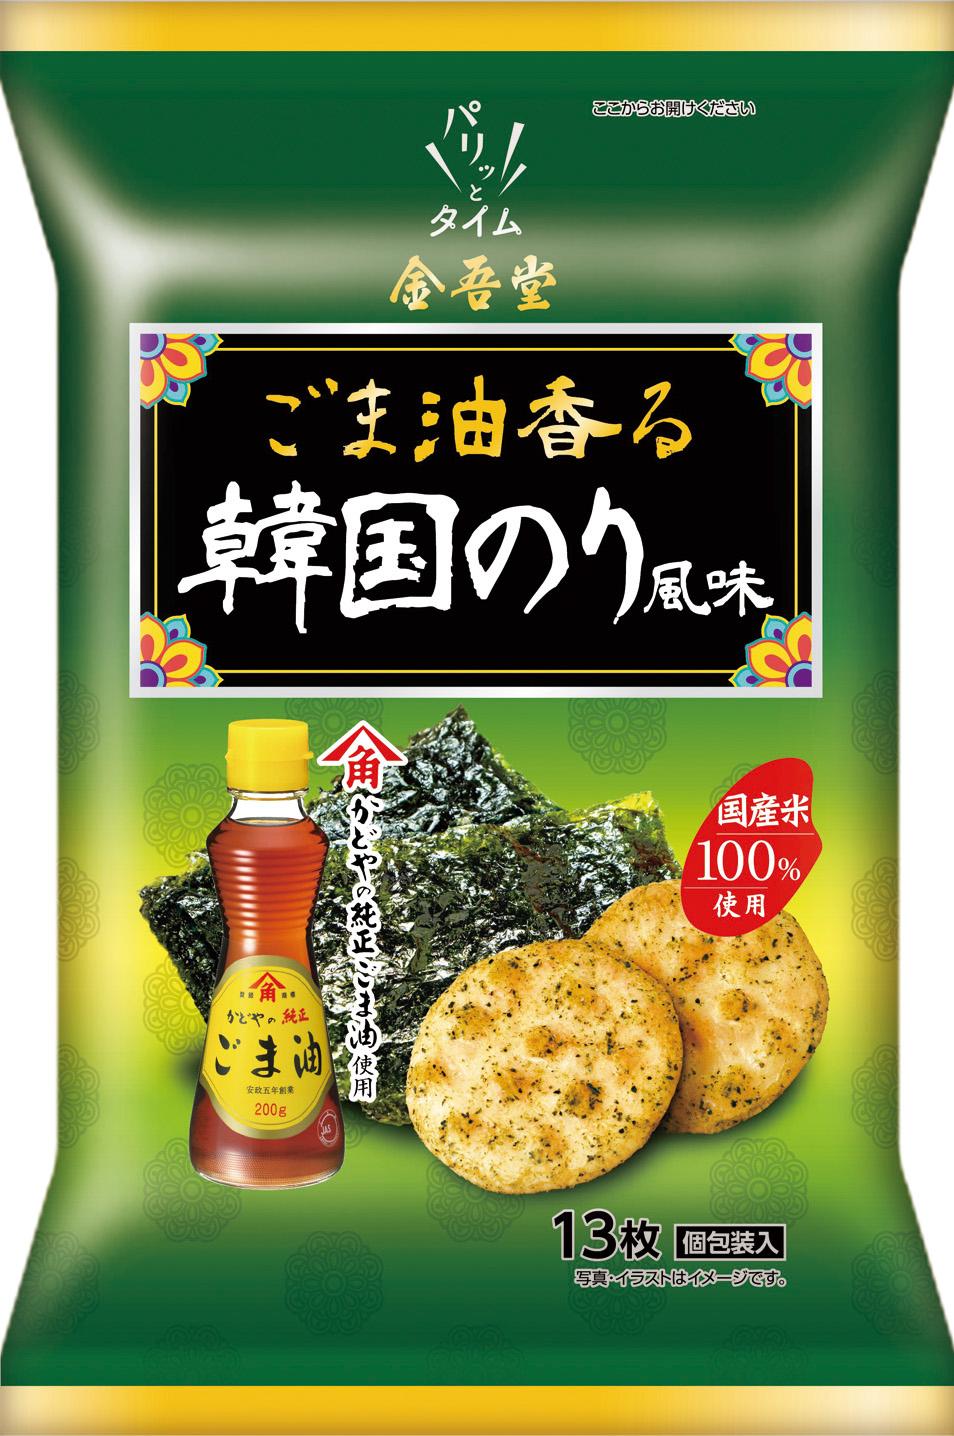 【期間限定】<br /> ごま油香る 韓国のり風味